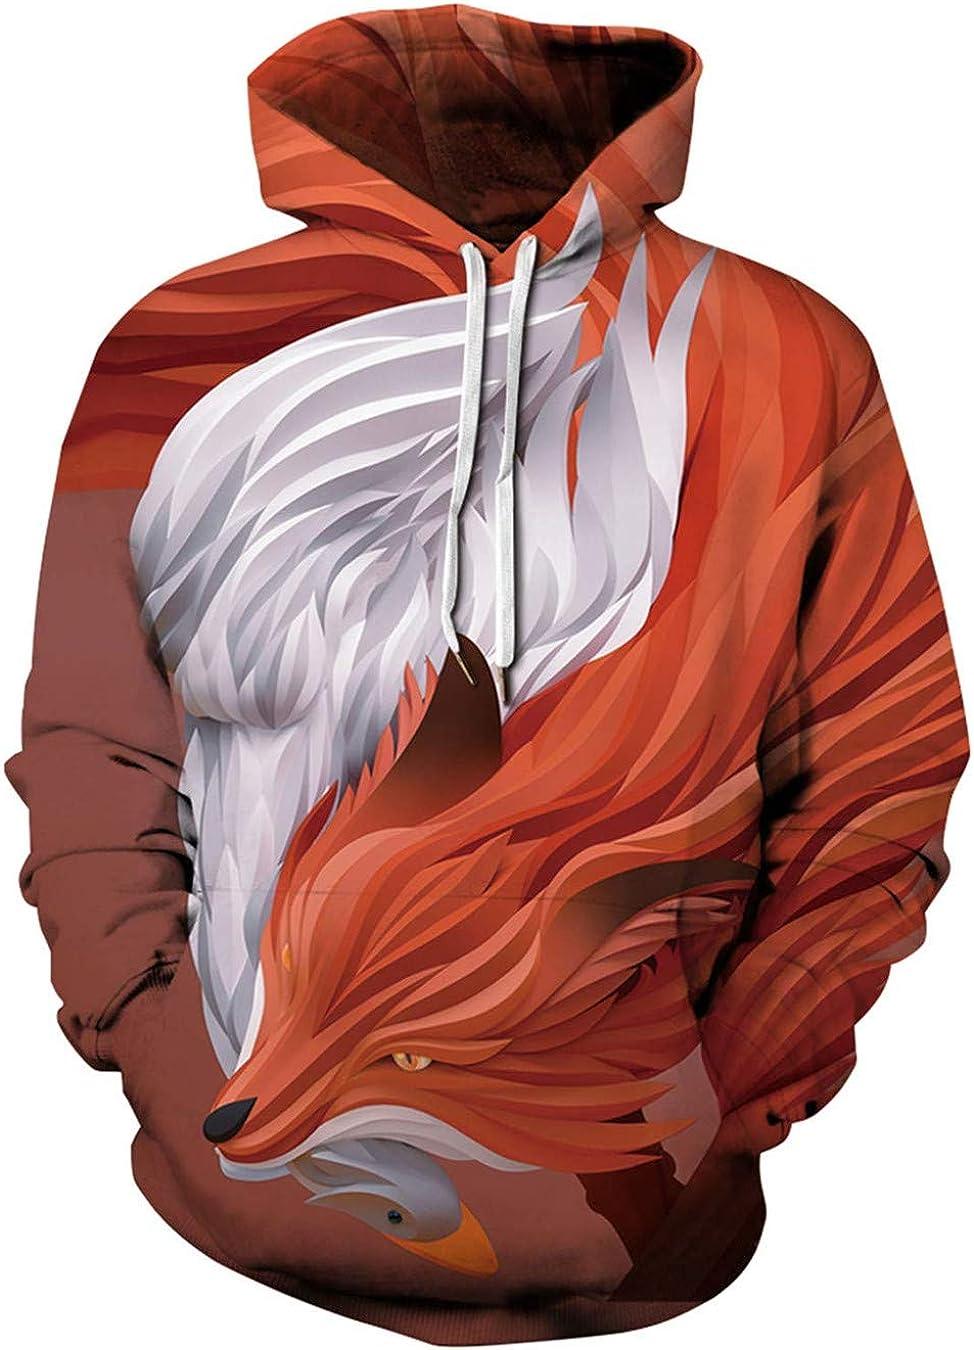 Sudadera con Capucha Unisex con Estampado de Lobo Rojo y Blanco con cordón